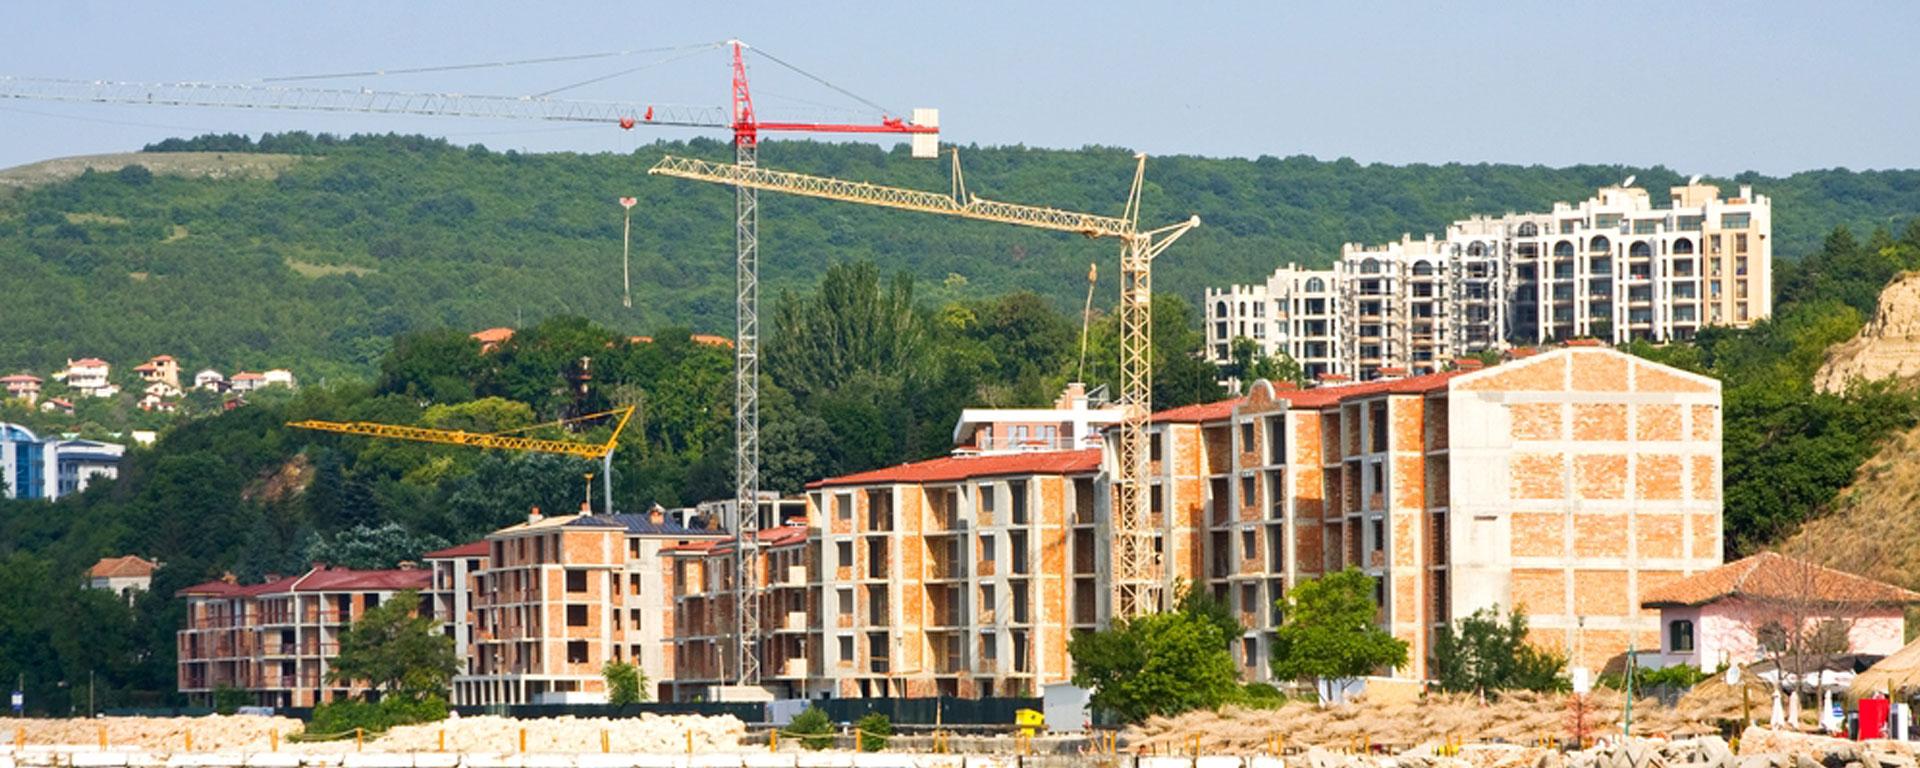 Строительство в Болгарии